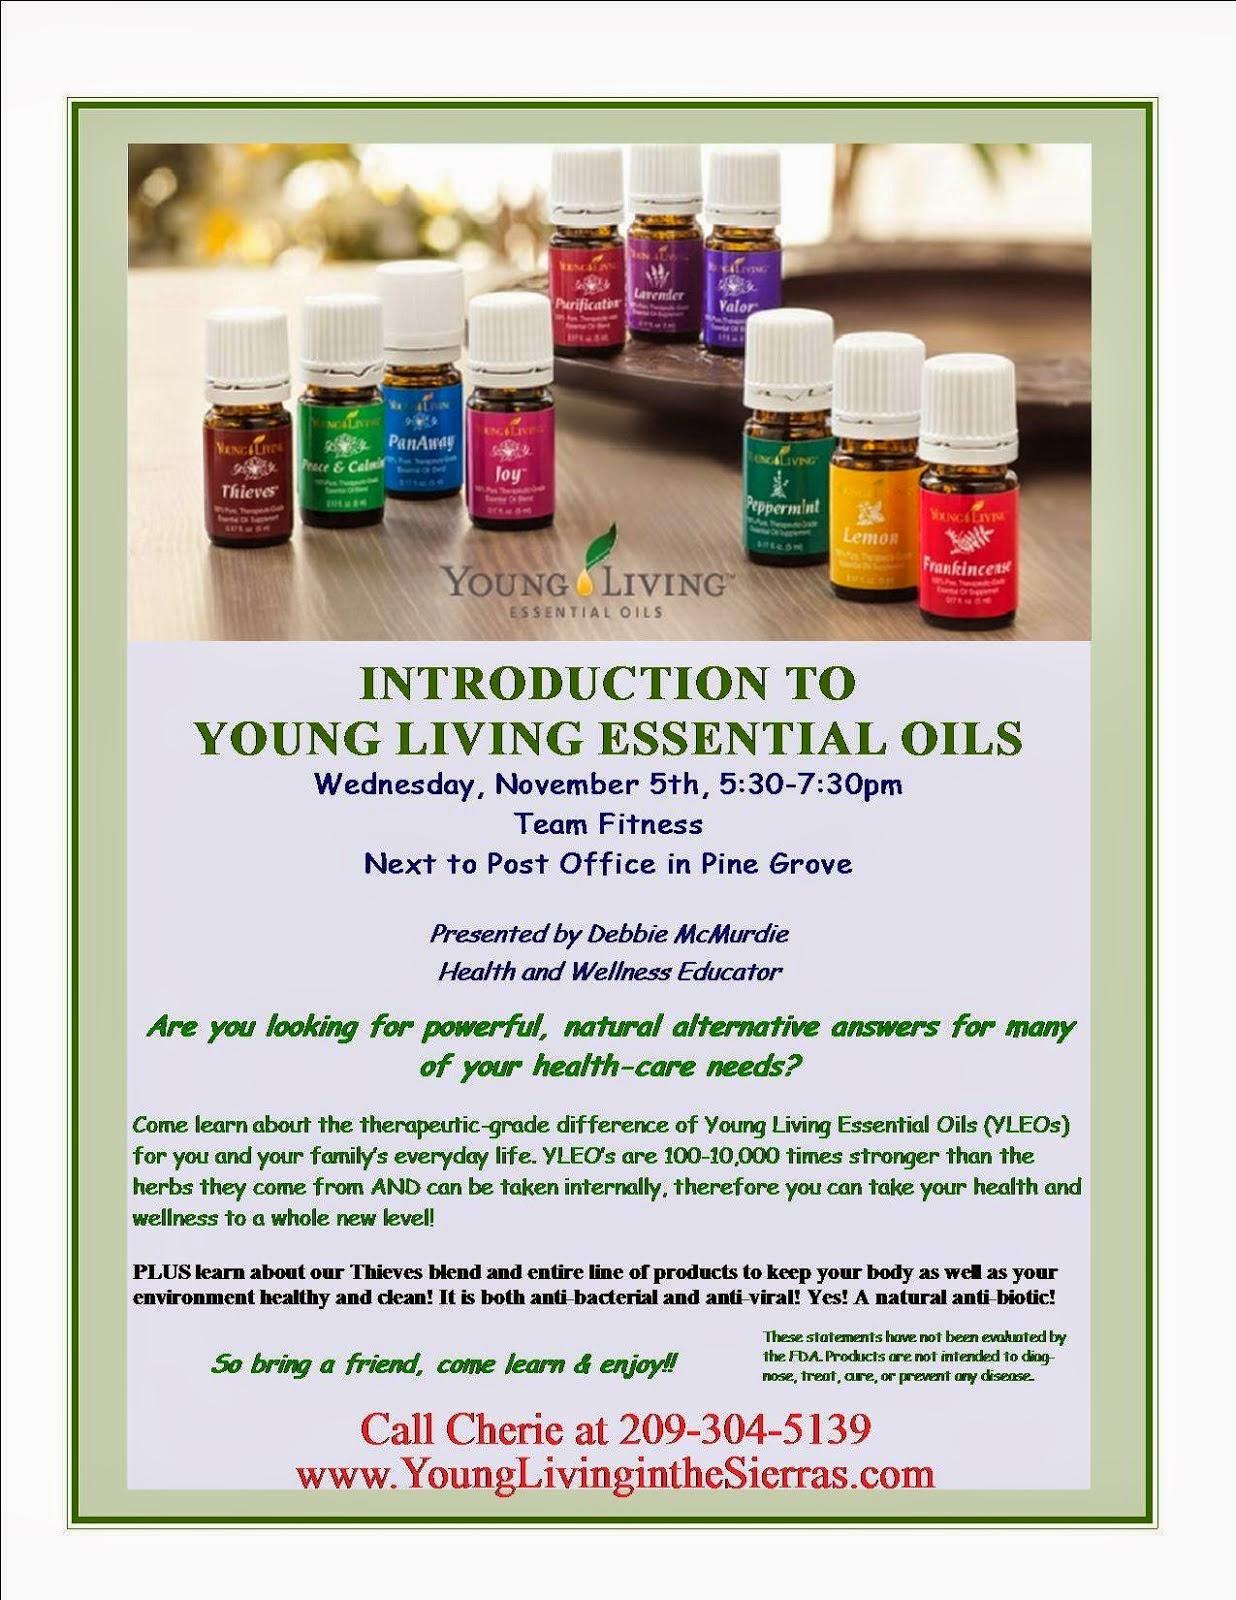 Free Essential Oils Workshop - Wed Nov 5